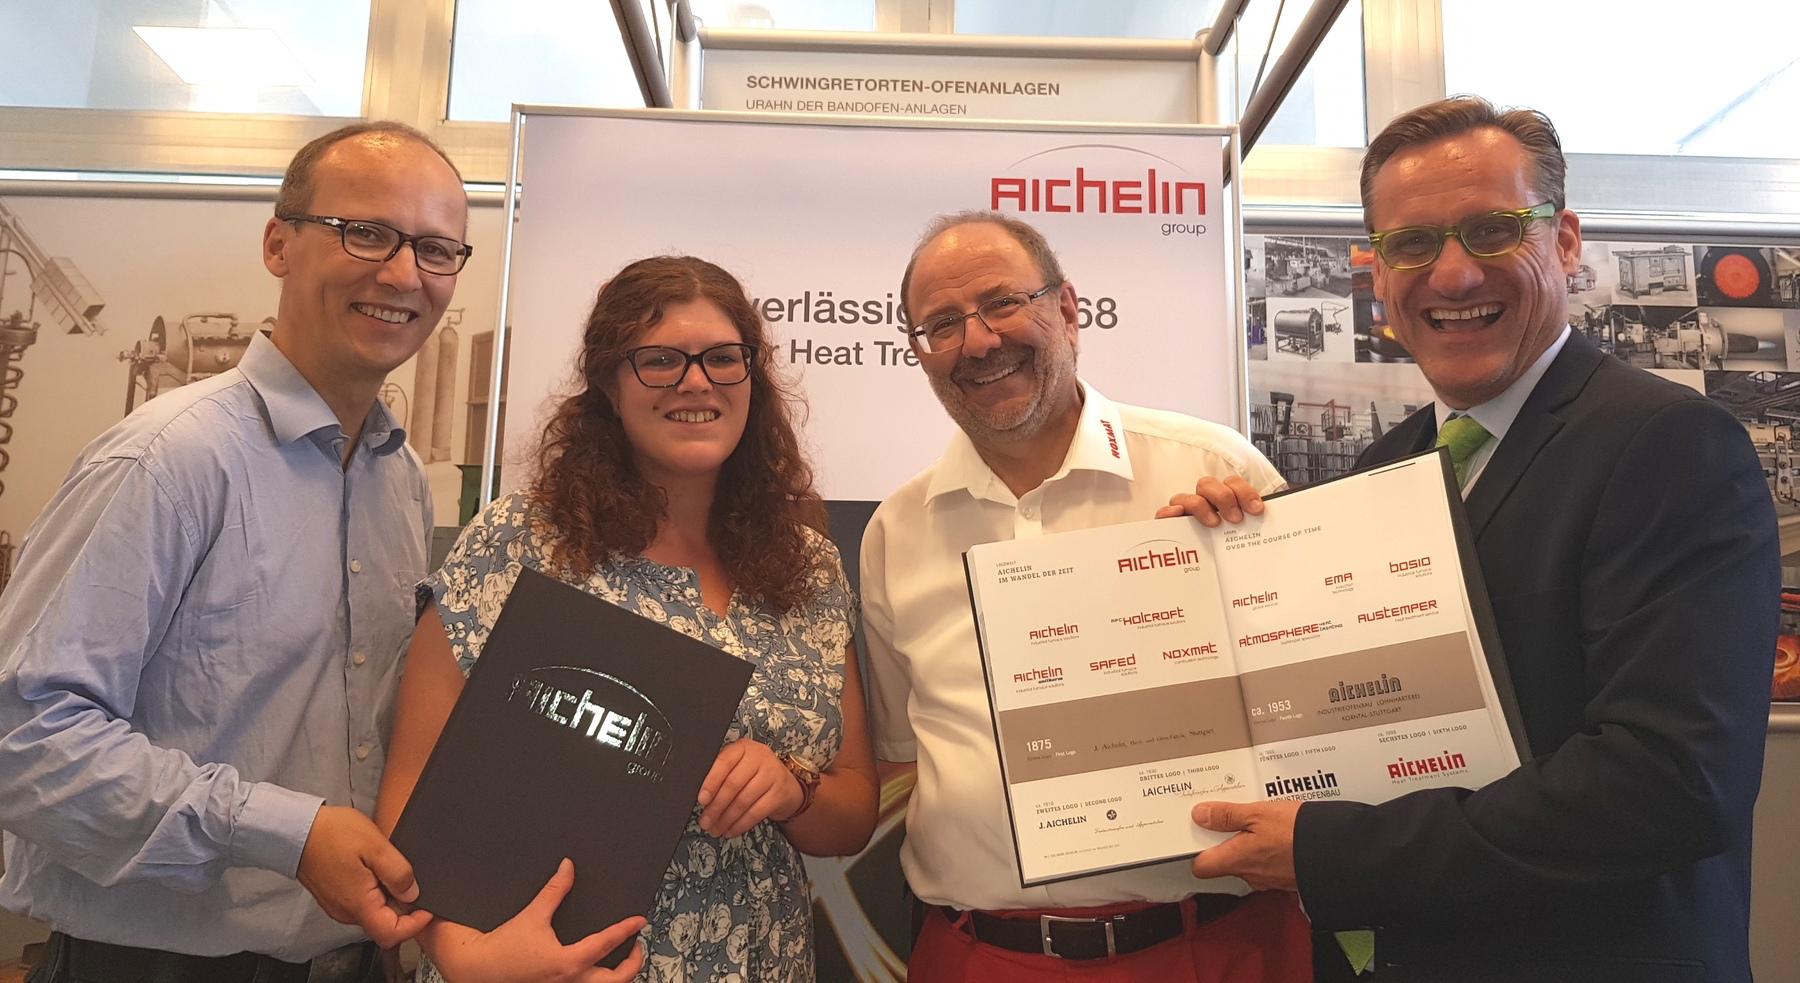 Putz & Stingl Präsentiert AICHELIN-Unternehmensgeschichte